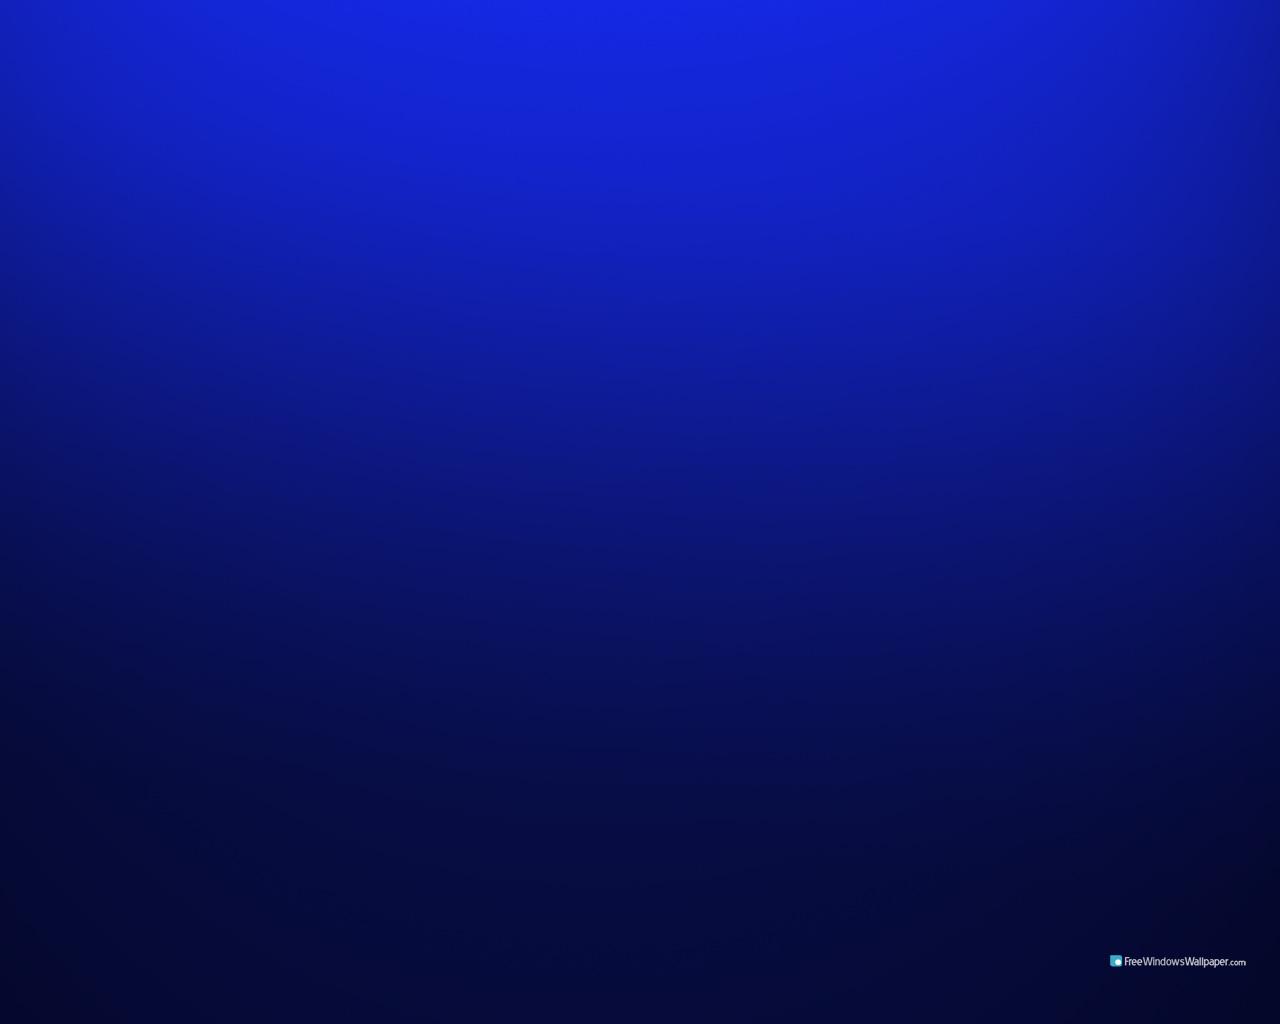 Windows 8 Wallpaper Blue Desktop Wallpapers Windows Wallpaper 1280x1024